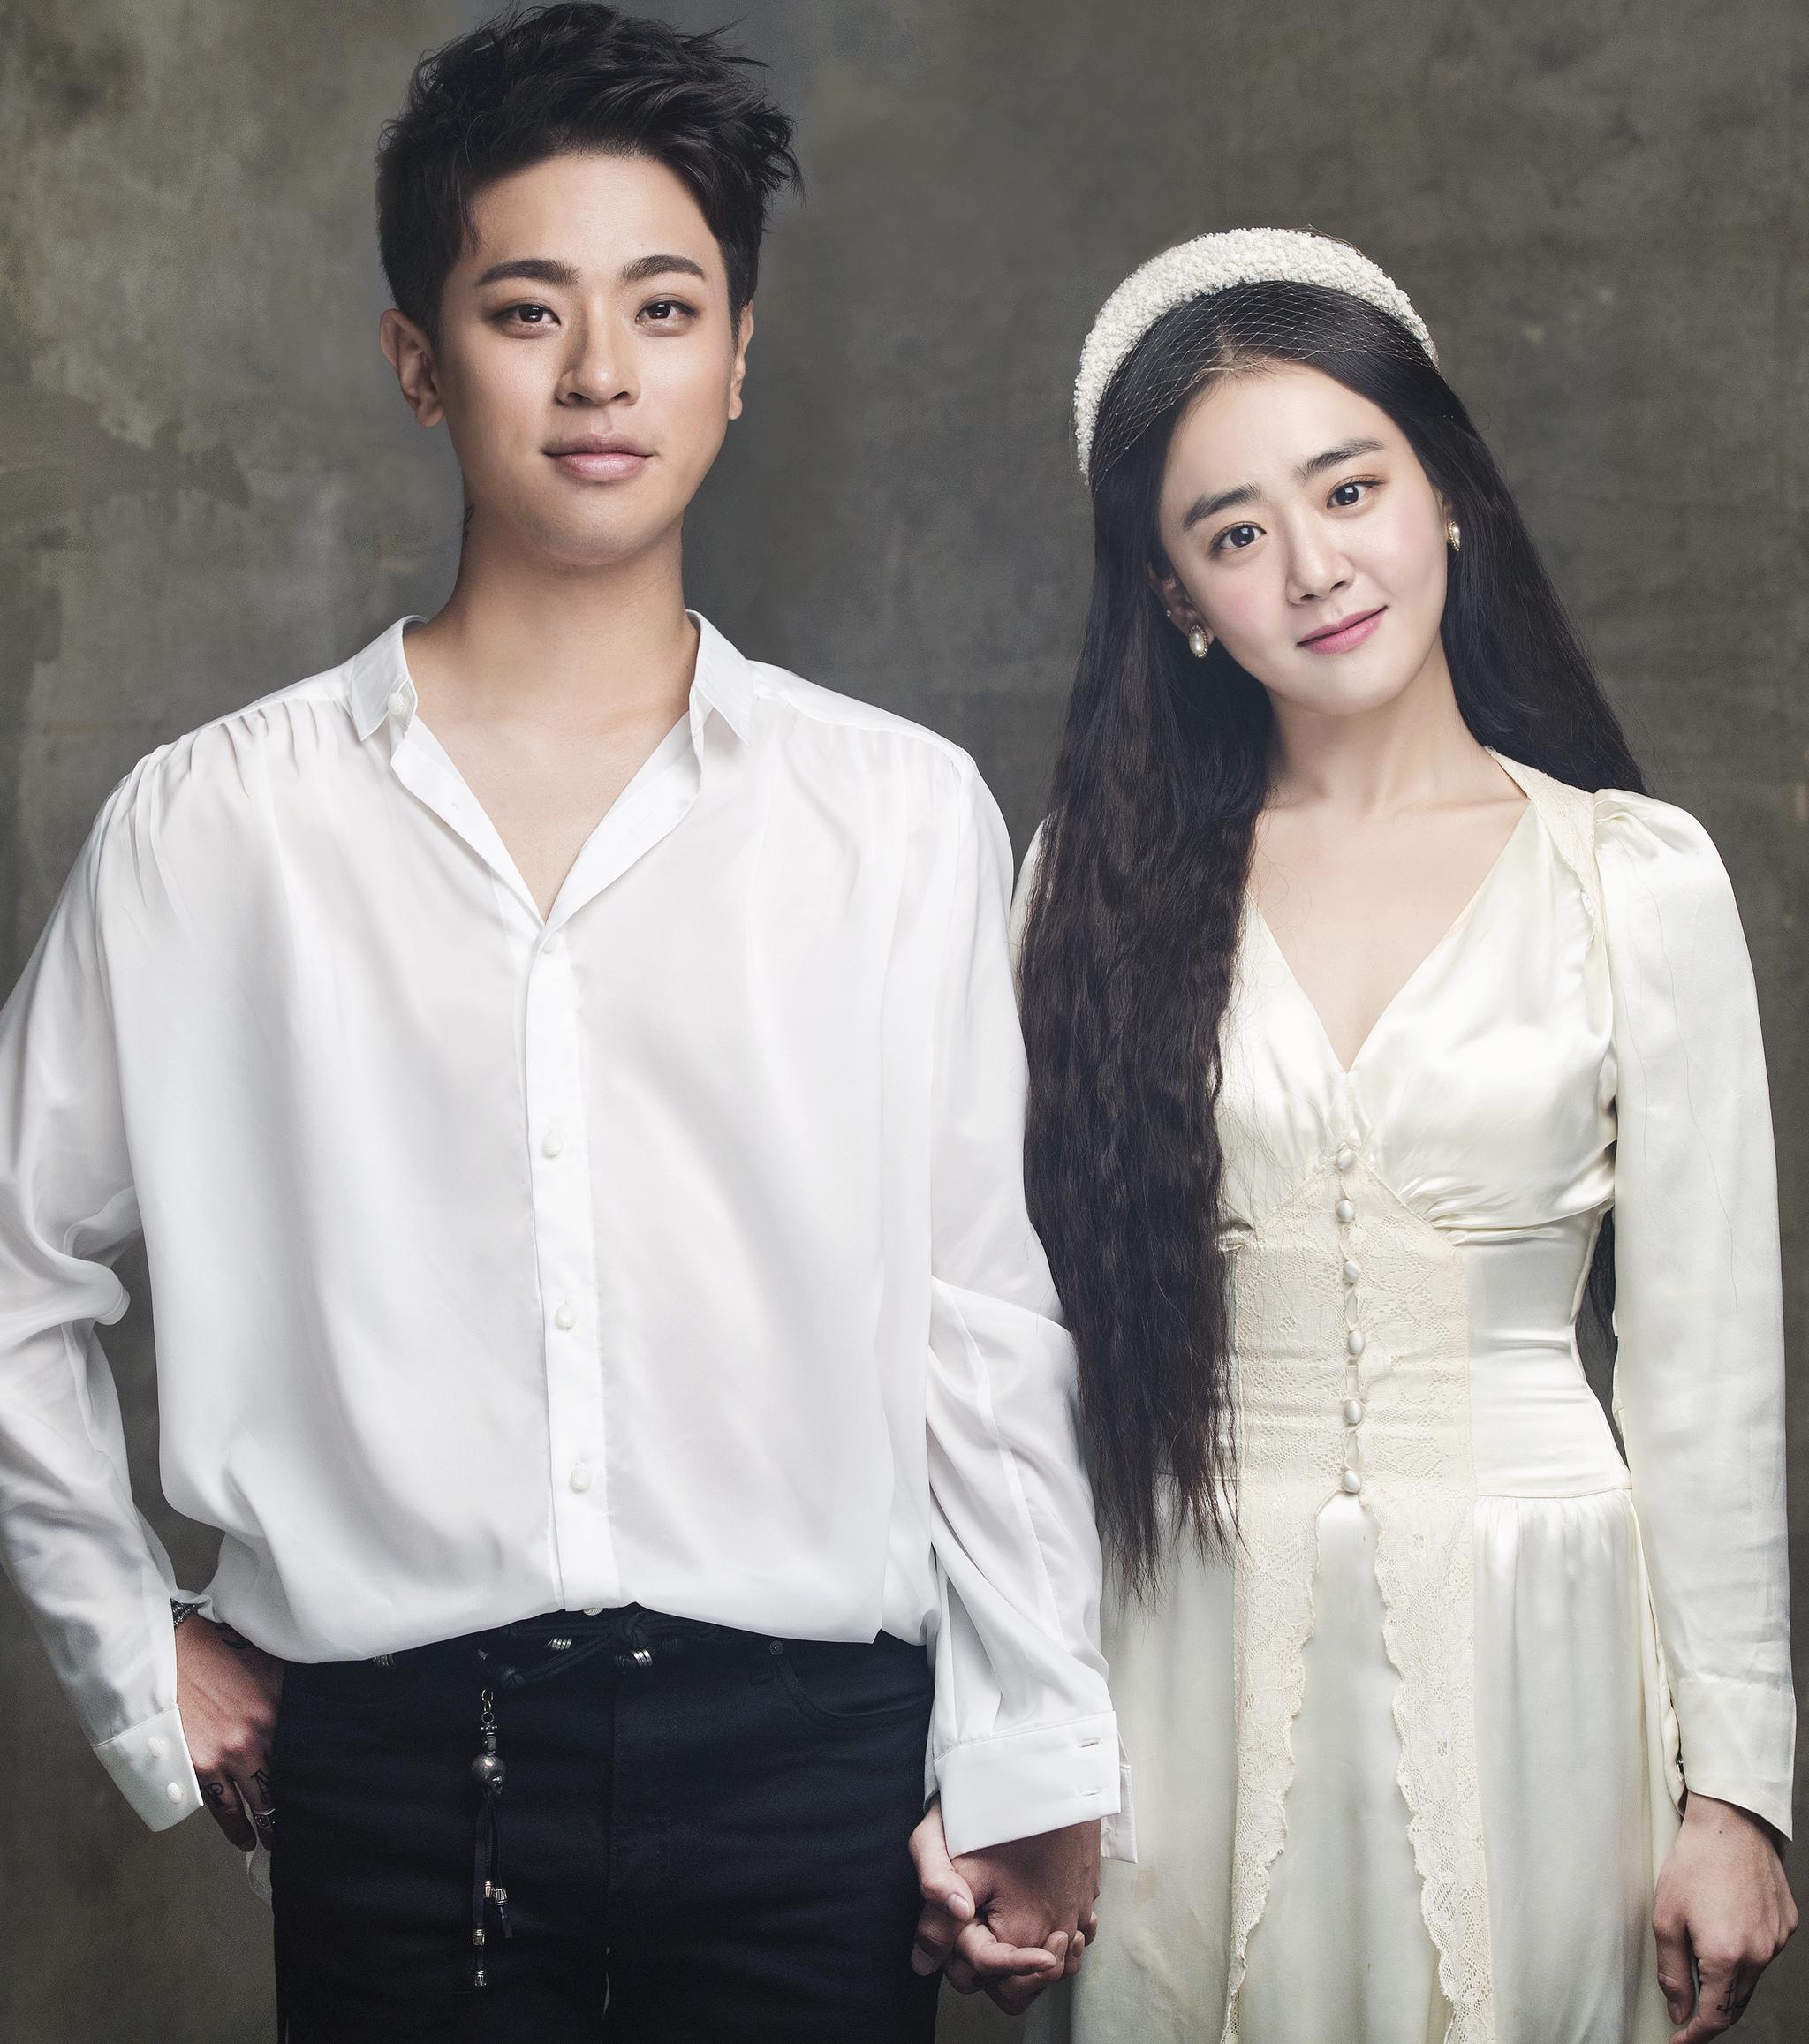 연극 '로미오와 줄리엣' 주연 배우 박정민과 문근영.    [자료제공=샘컴퍼니]